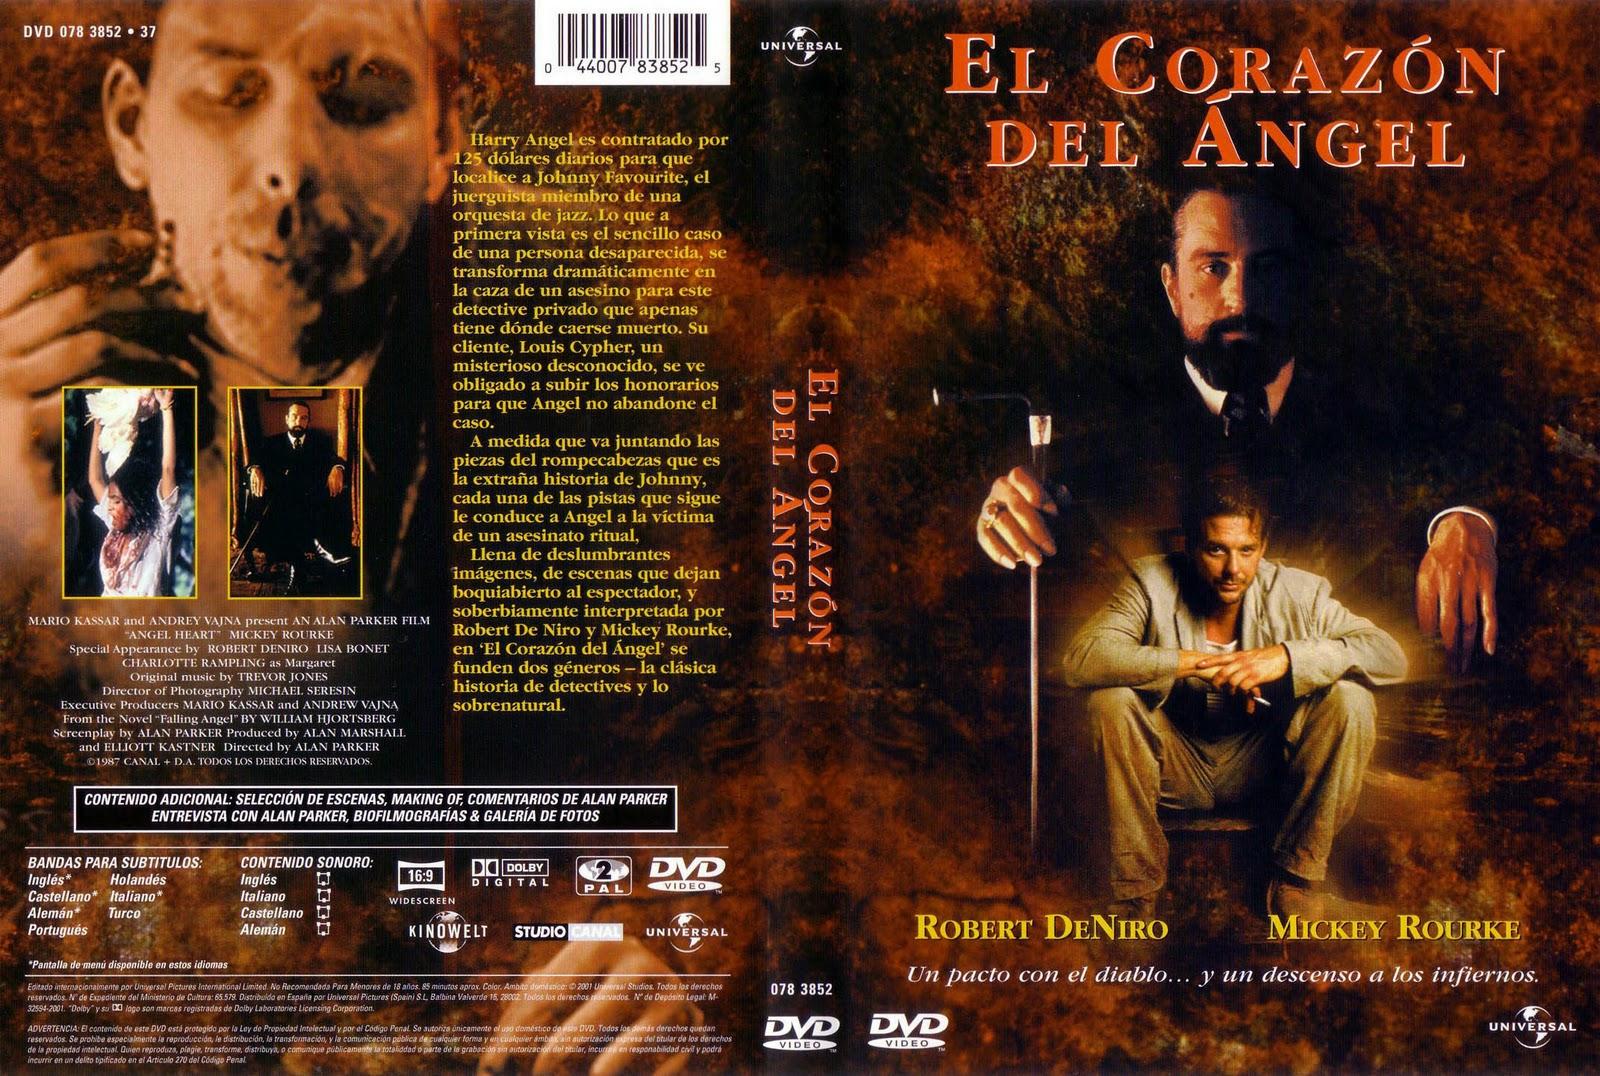 http://4.bp.blogspot.com/-Xcw-ysgJGxg/TtfUfY_gkiI/AAAAAAAAAvM/5SFoCz6yvi8/s1600/El_Corazon_Del_Angel-Caratula.jpg